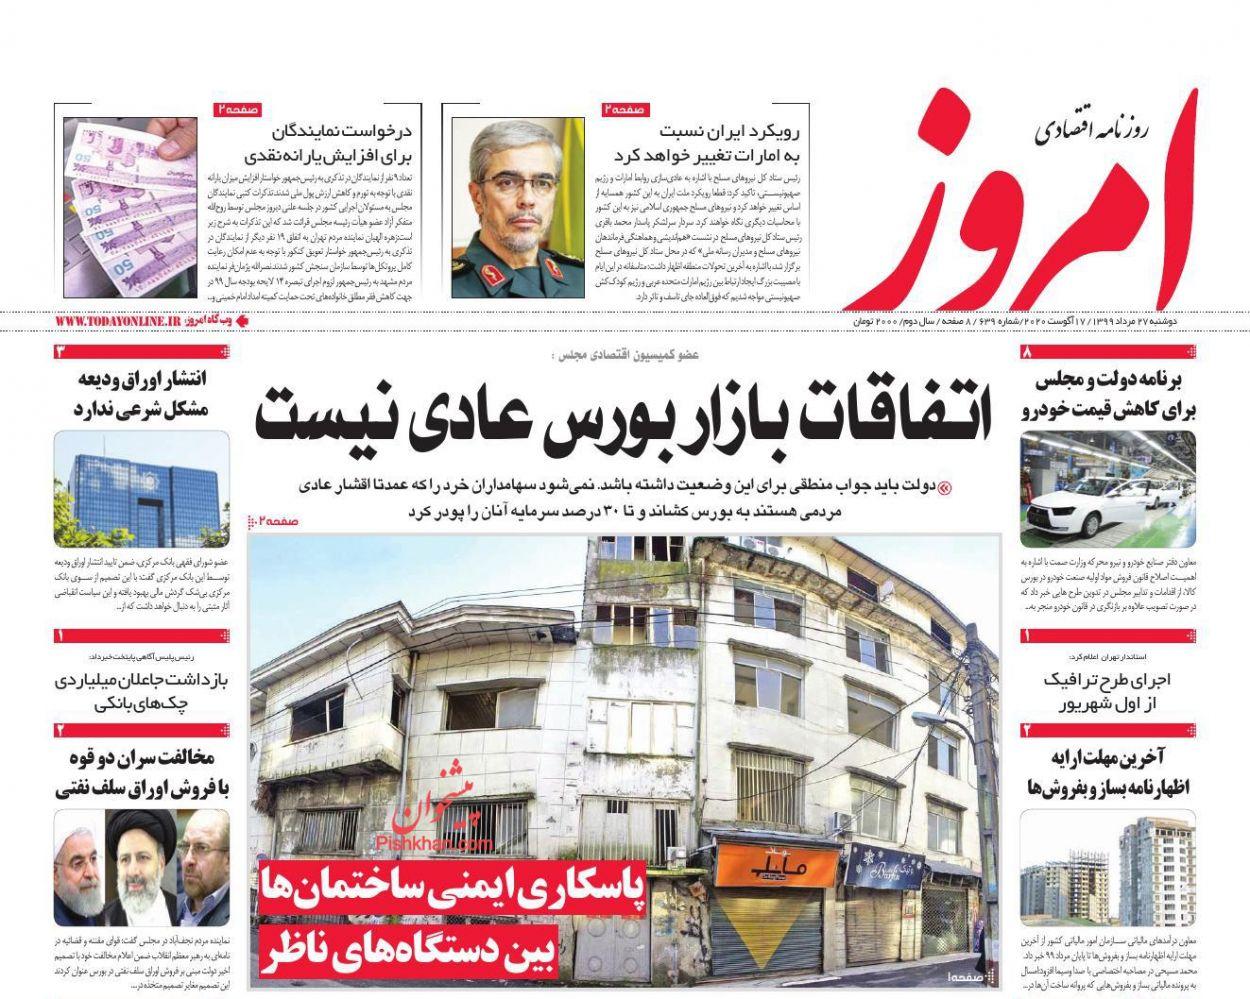 عناوین اخبار روزنامه امروز در روز دوشنبه ۲۷ مرداد